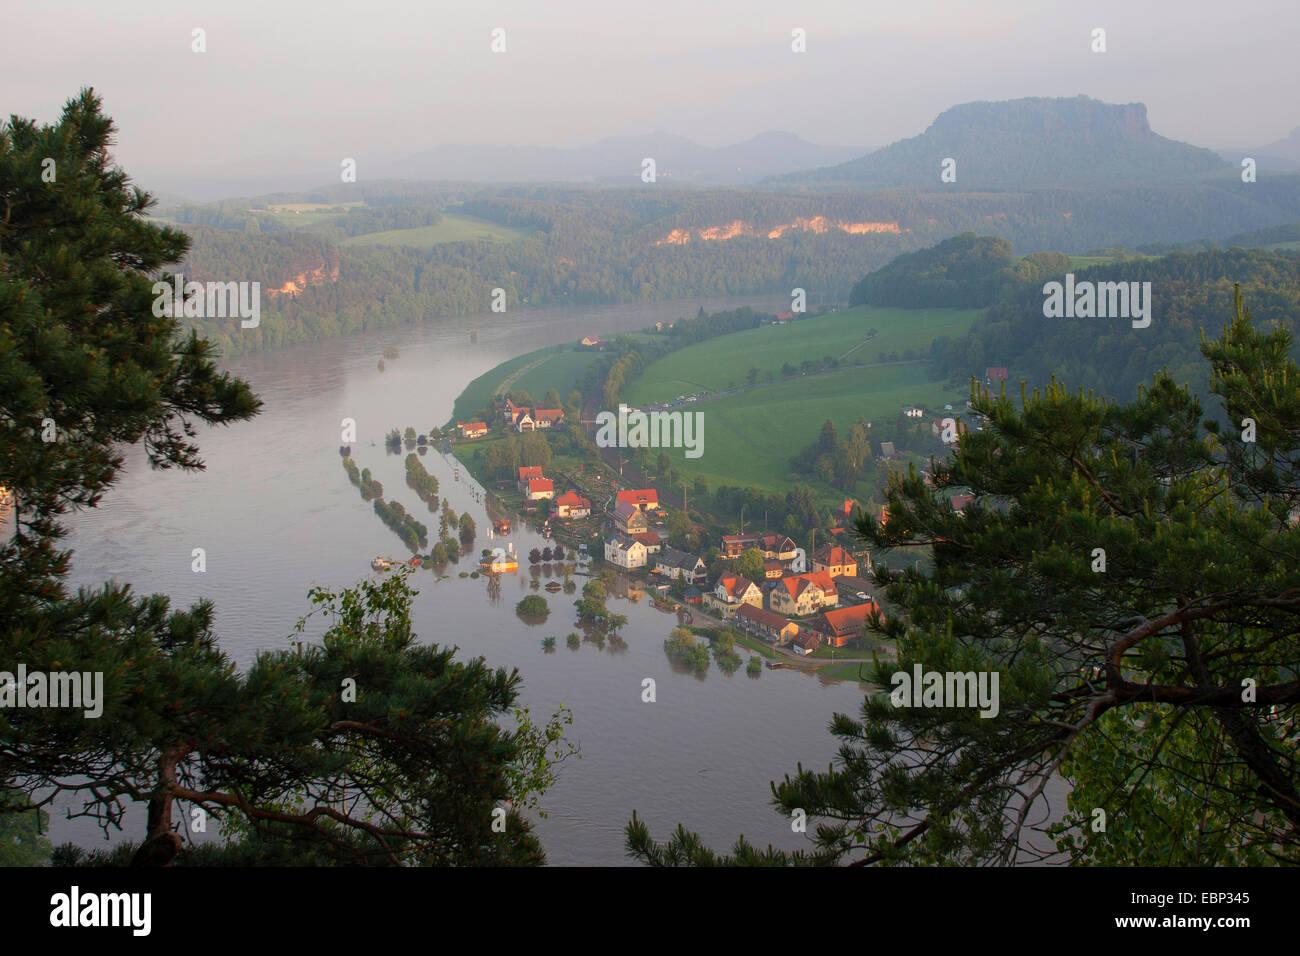 Elbe flood in summer 2013, Germany, Saxony, elbsandste - Stock Image